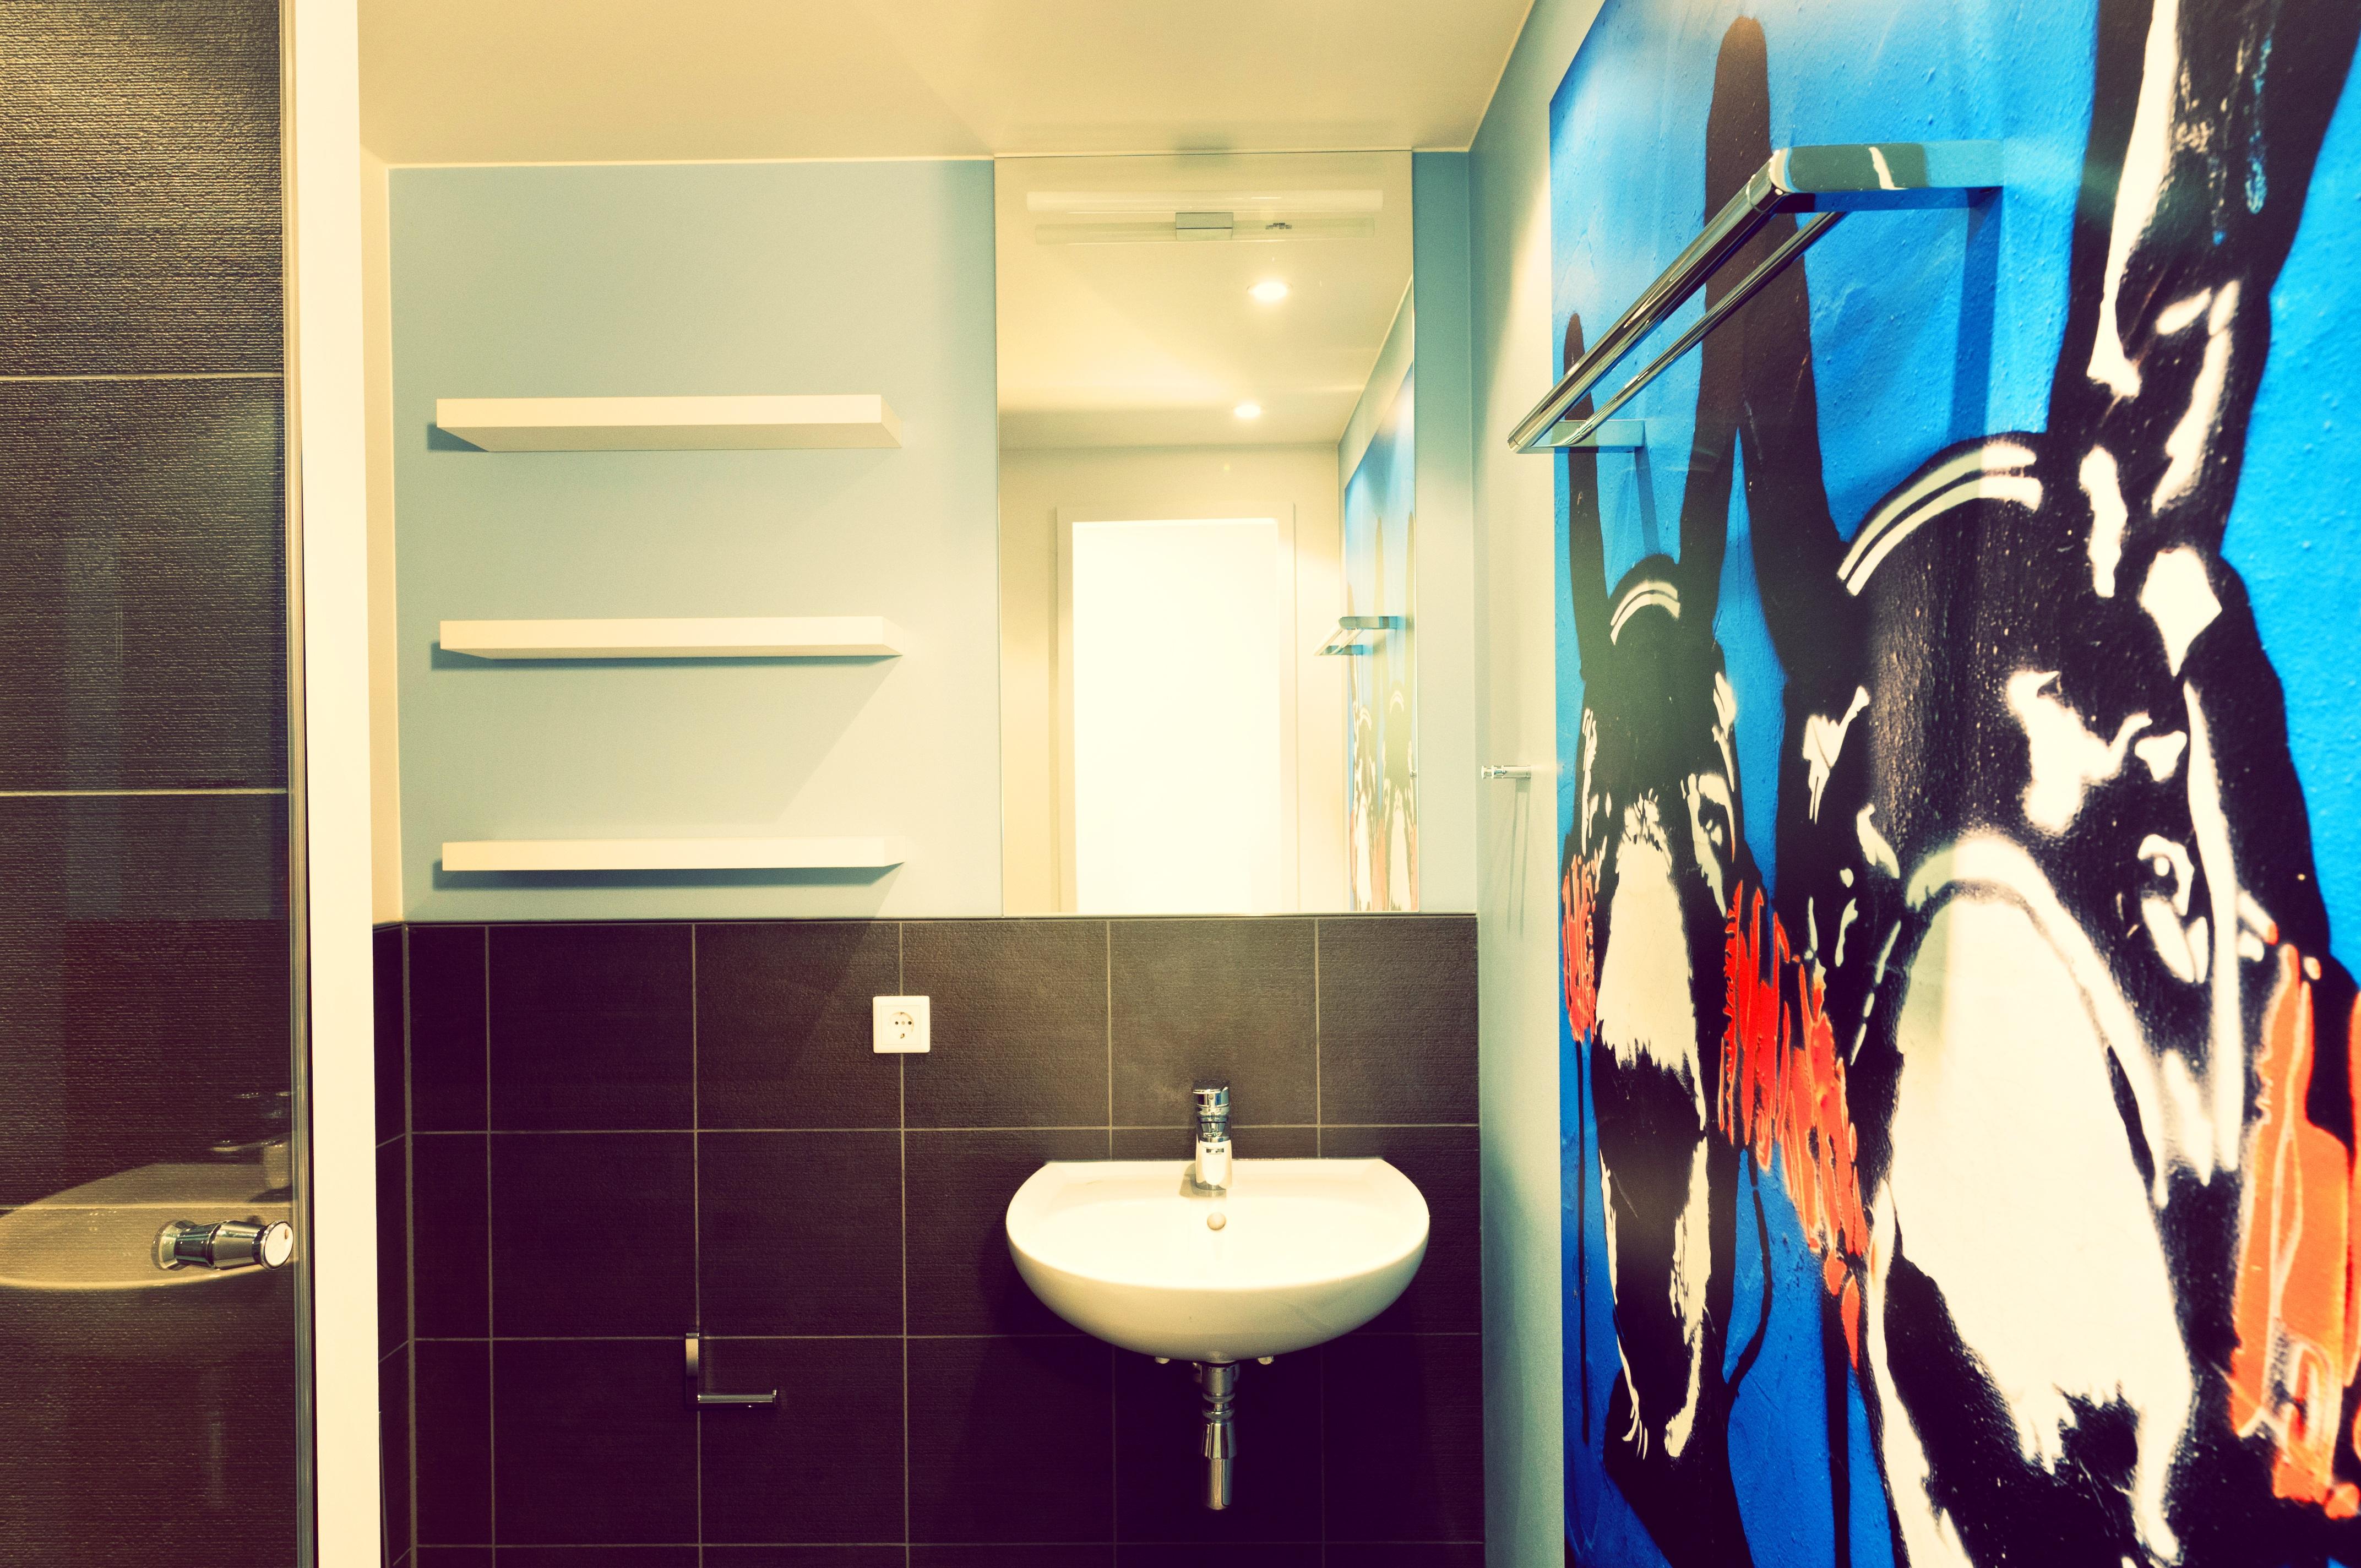 Zimmer Innenarchitektur Badezimmer Hauptstadt Entwurf Hotel Berlin Schlecht  Alexanderplatz